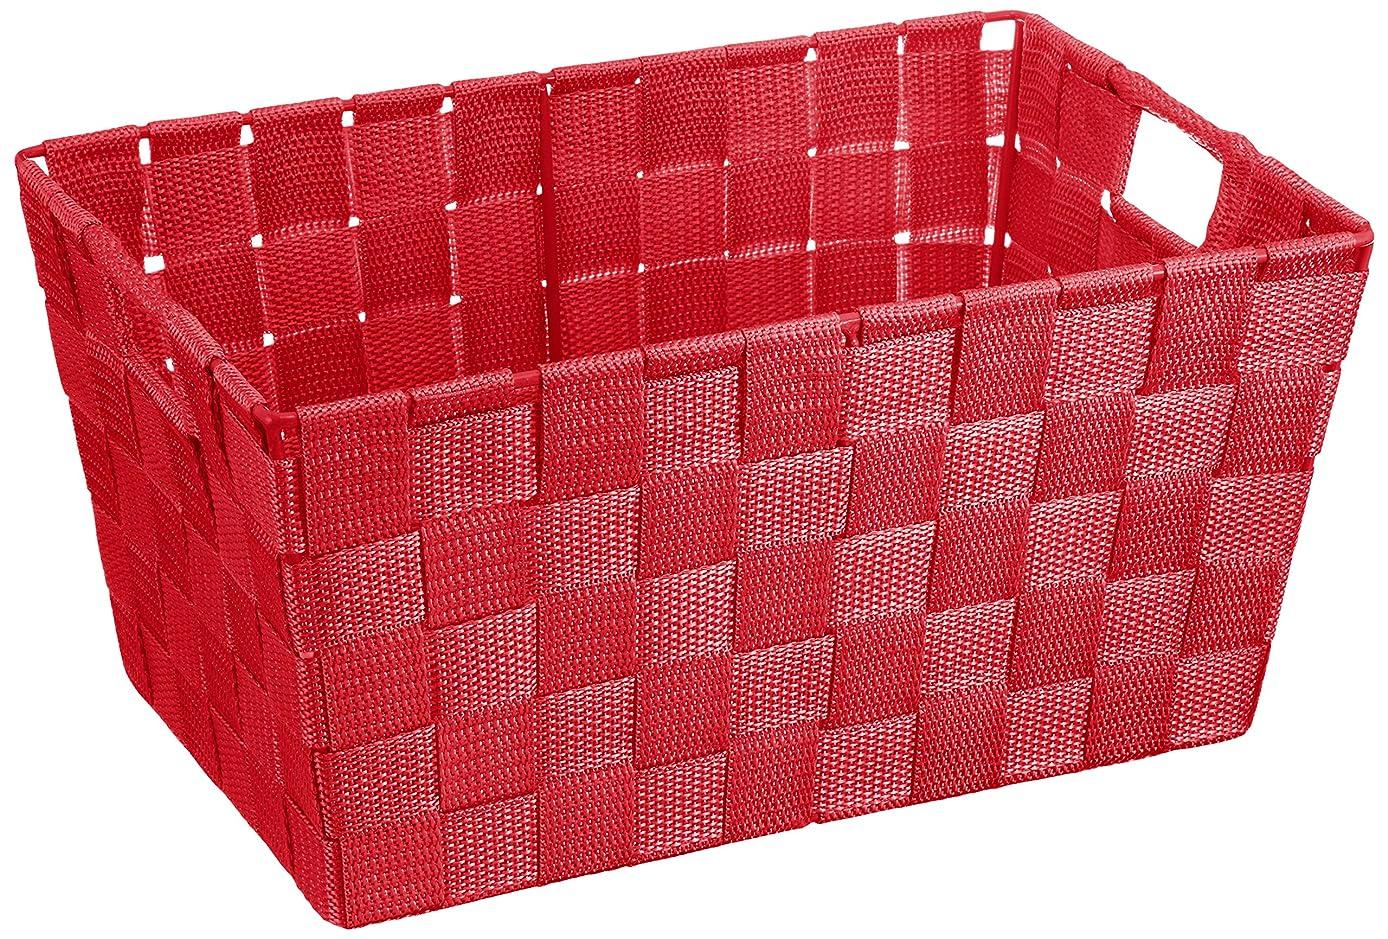 元気無条件関数Wenko アドリア ストレージバスケット レッド S 20384100